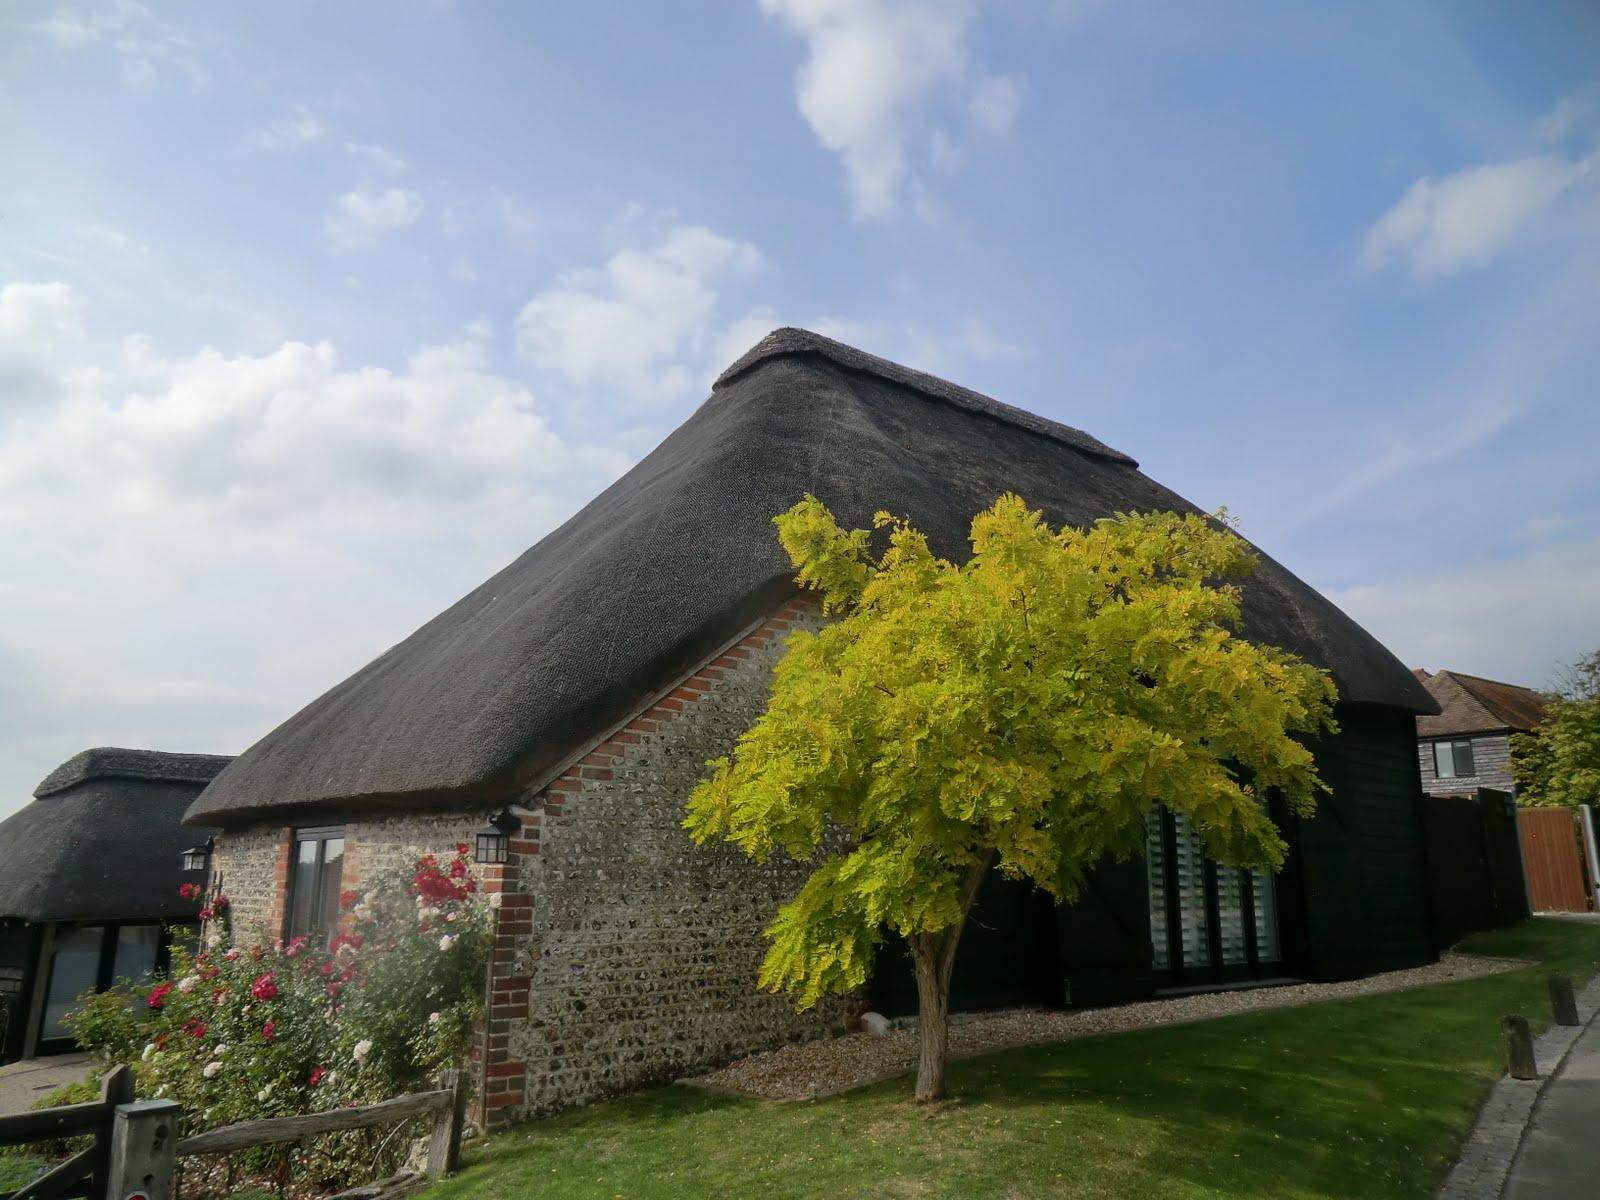 CIMG4748 Thatched Cottage, Wepham